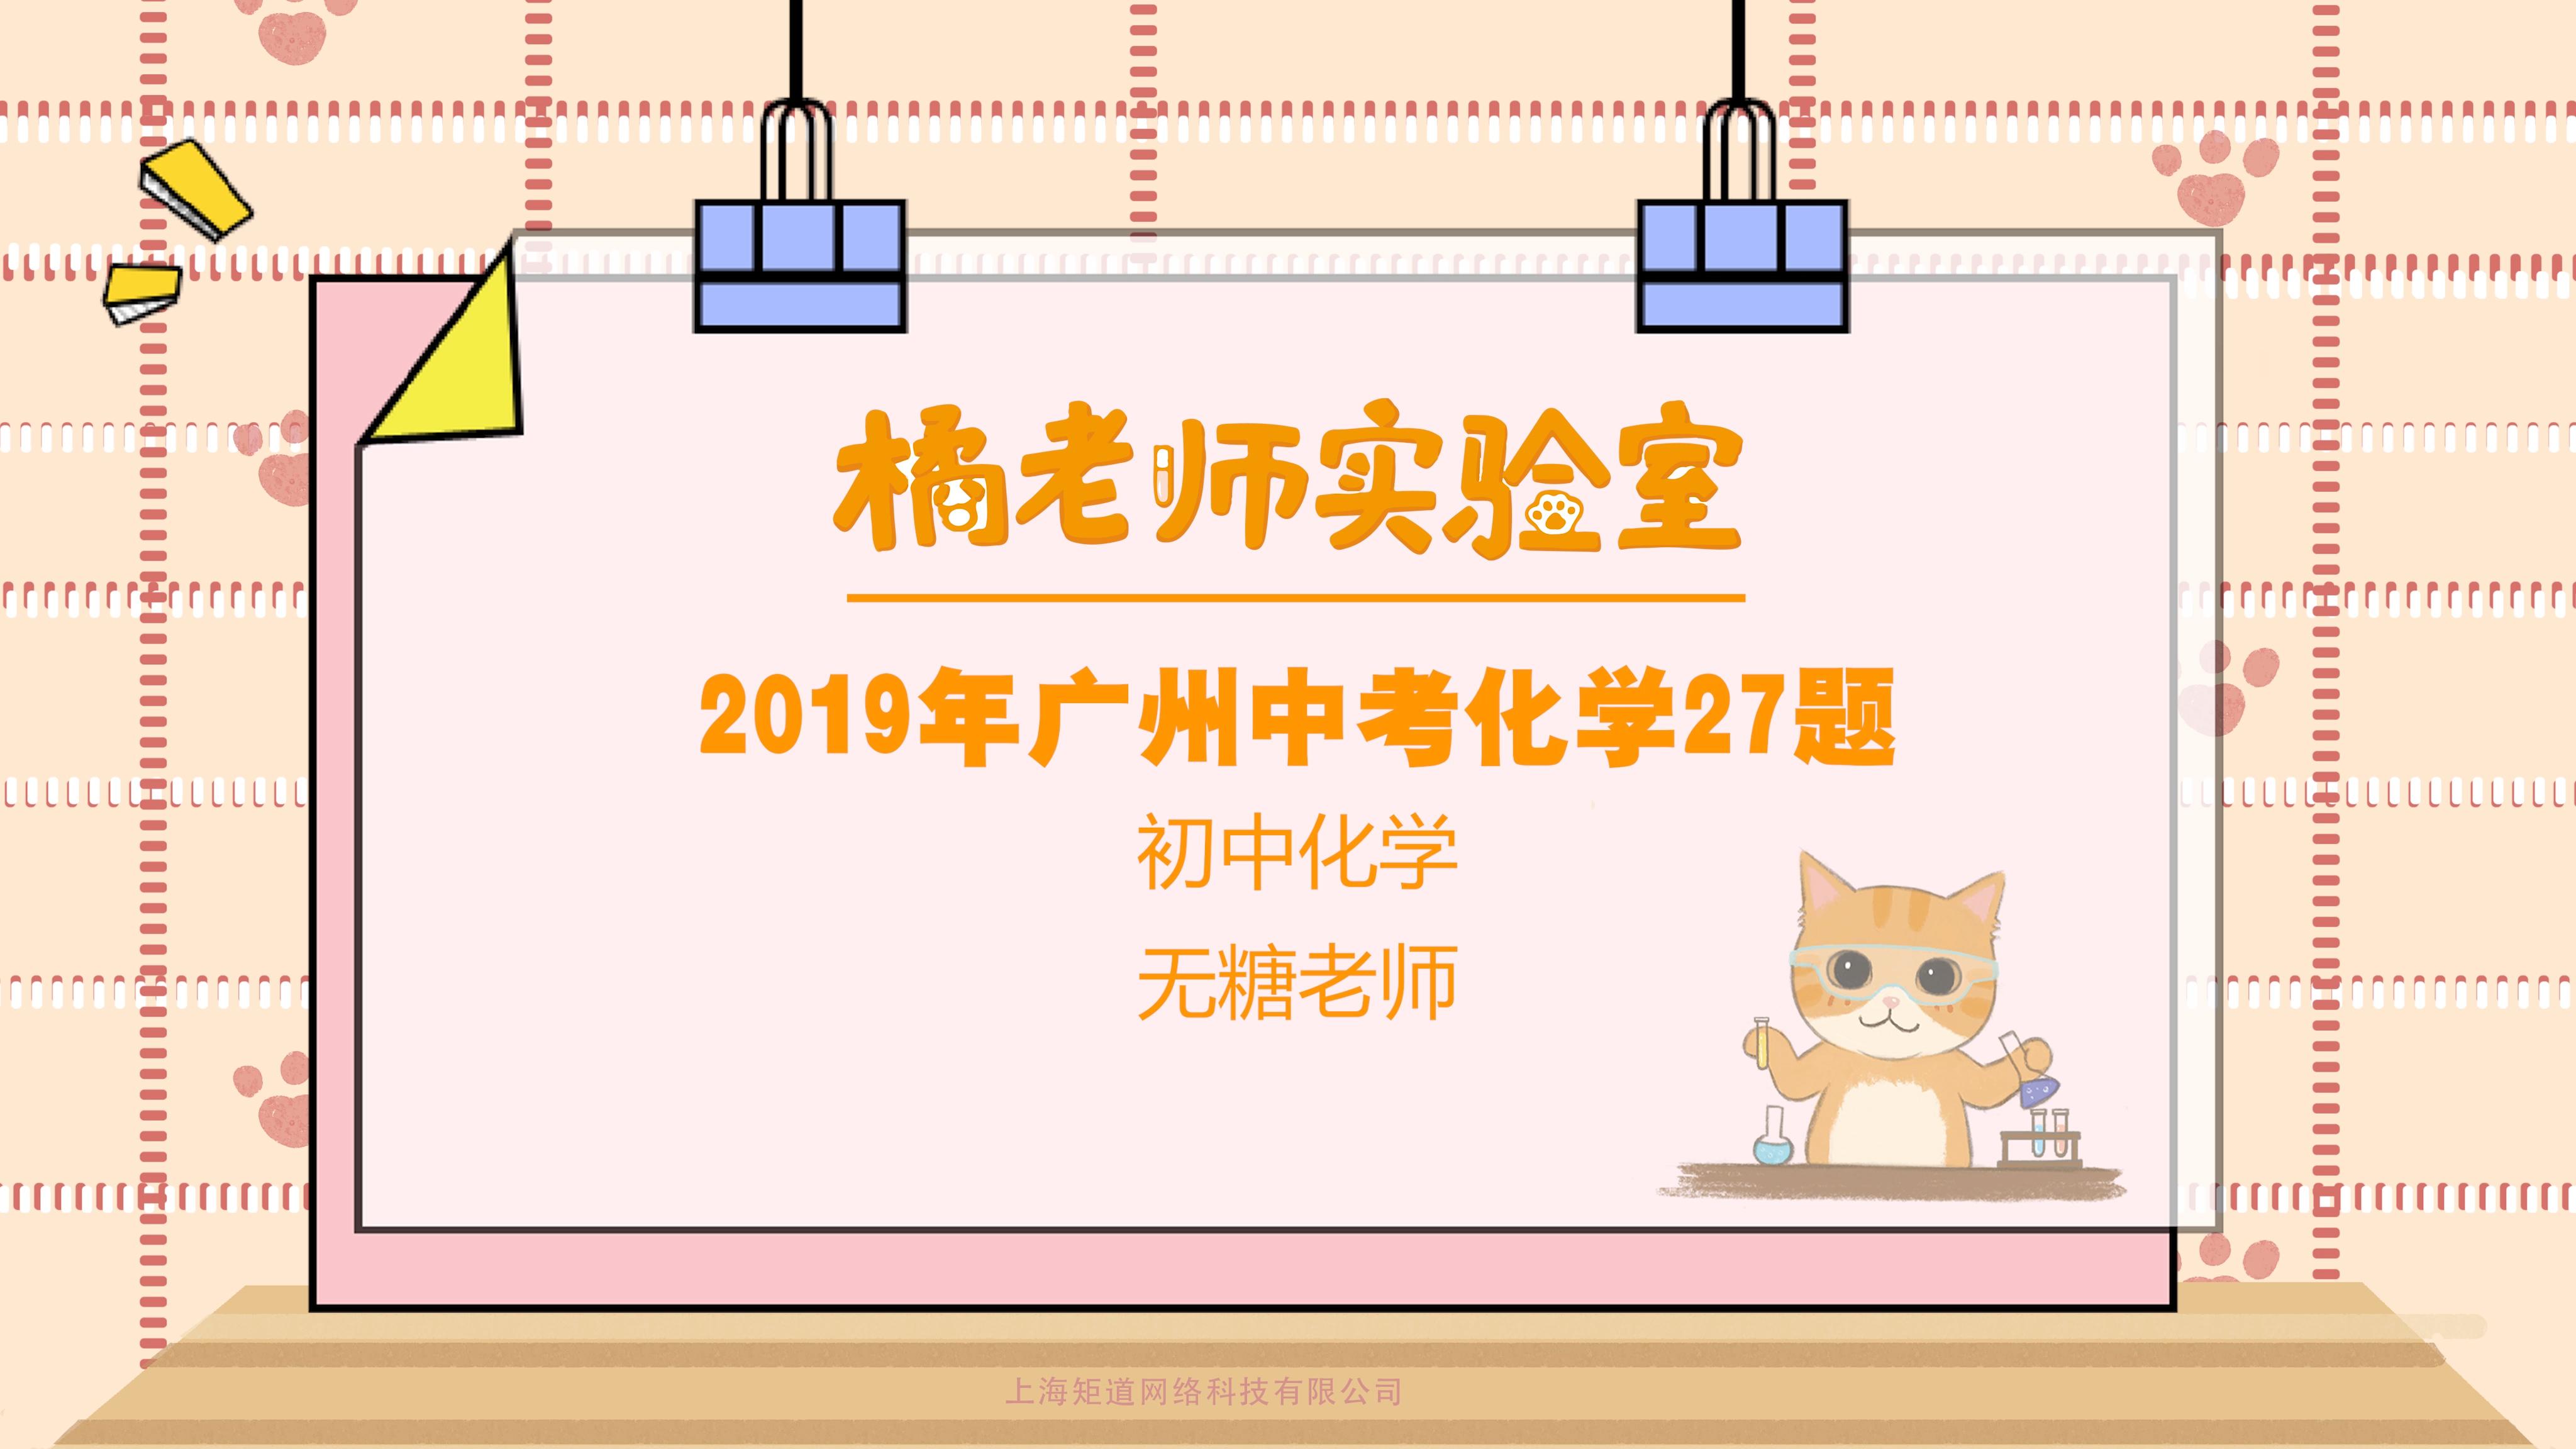 第一百三十八期:《解析2019年广州中考化学27题》